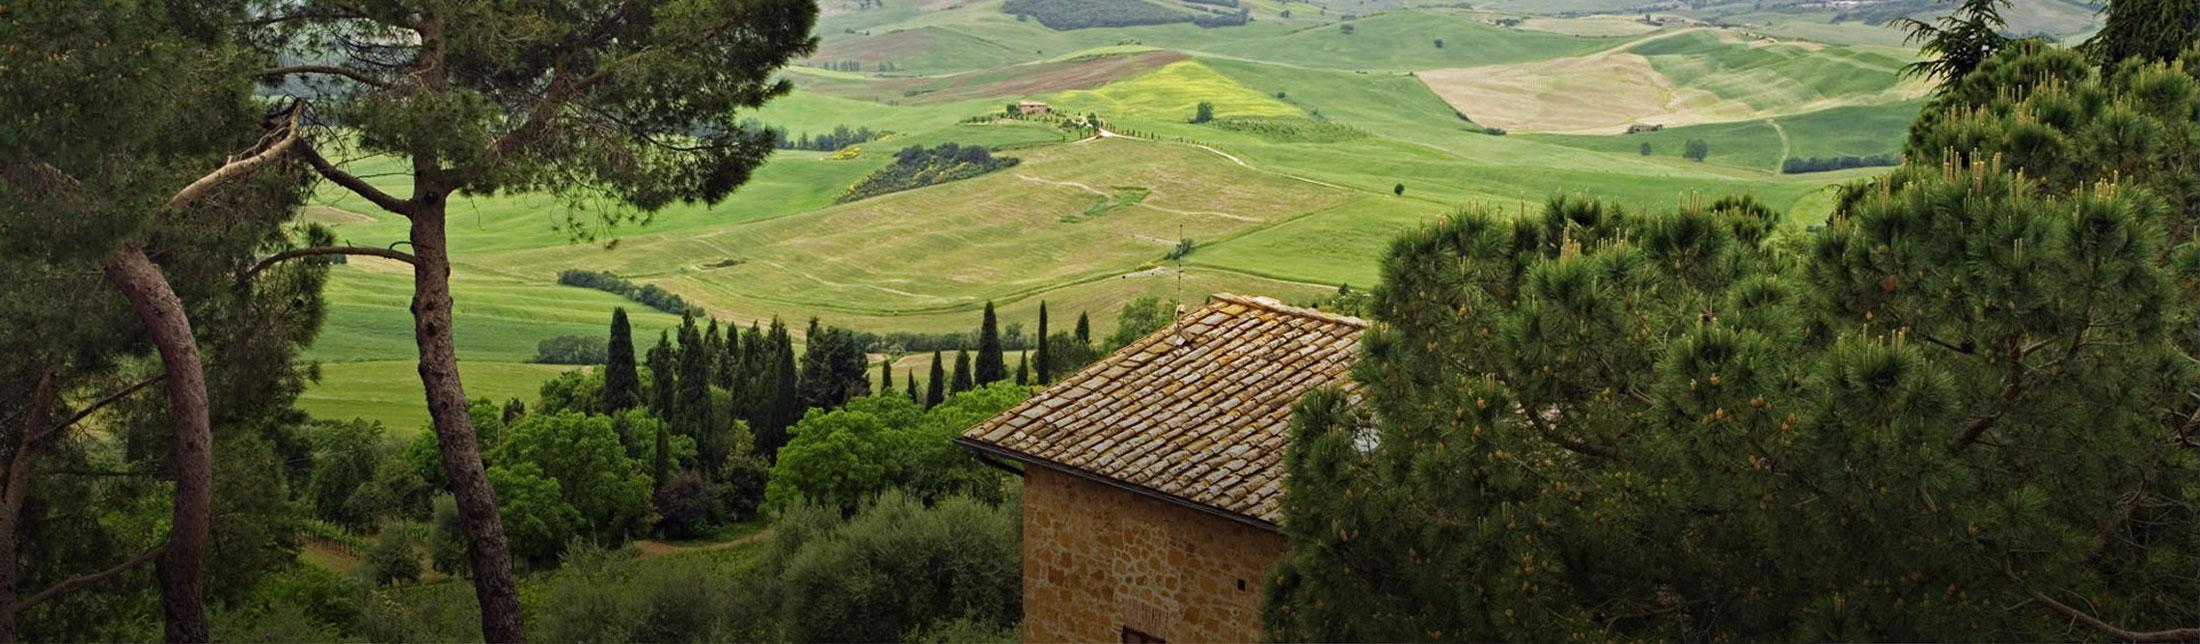 Vb holiday home - Manutenzione caldaia umbria ...